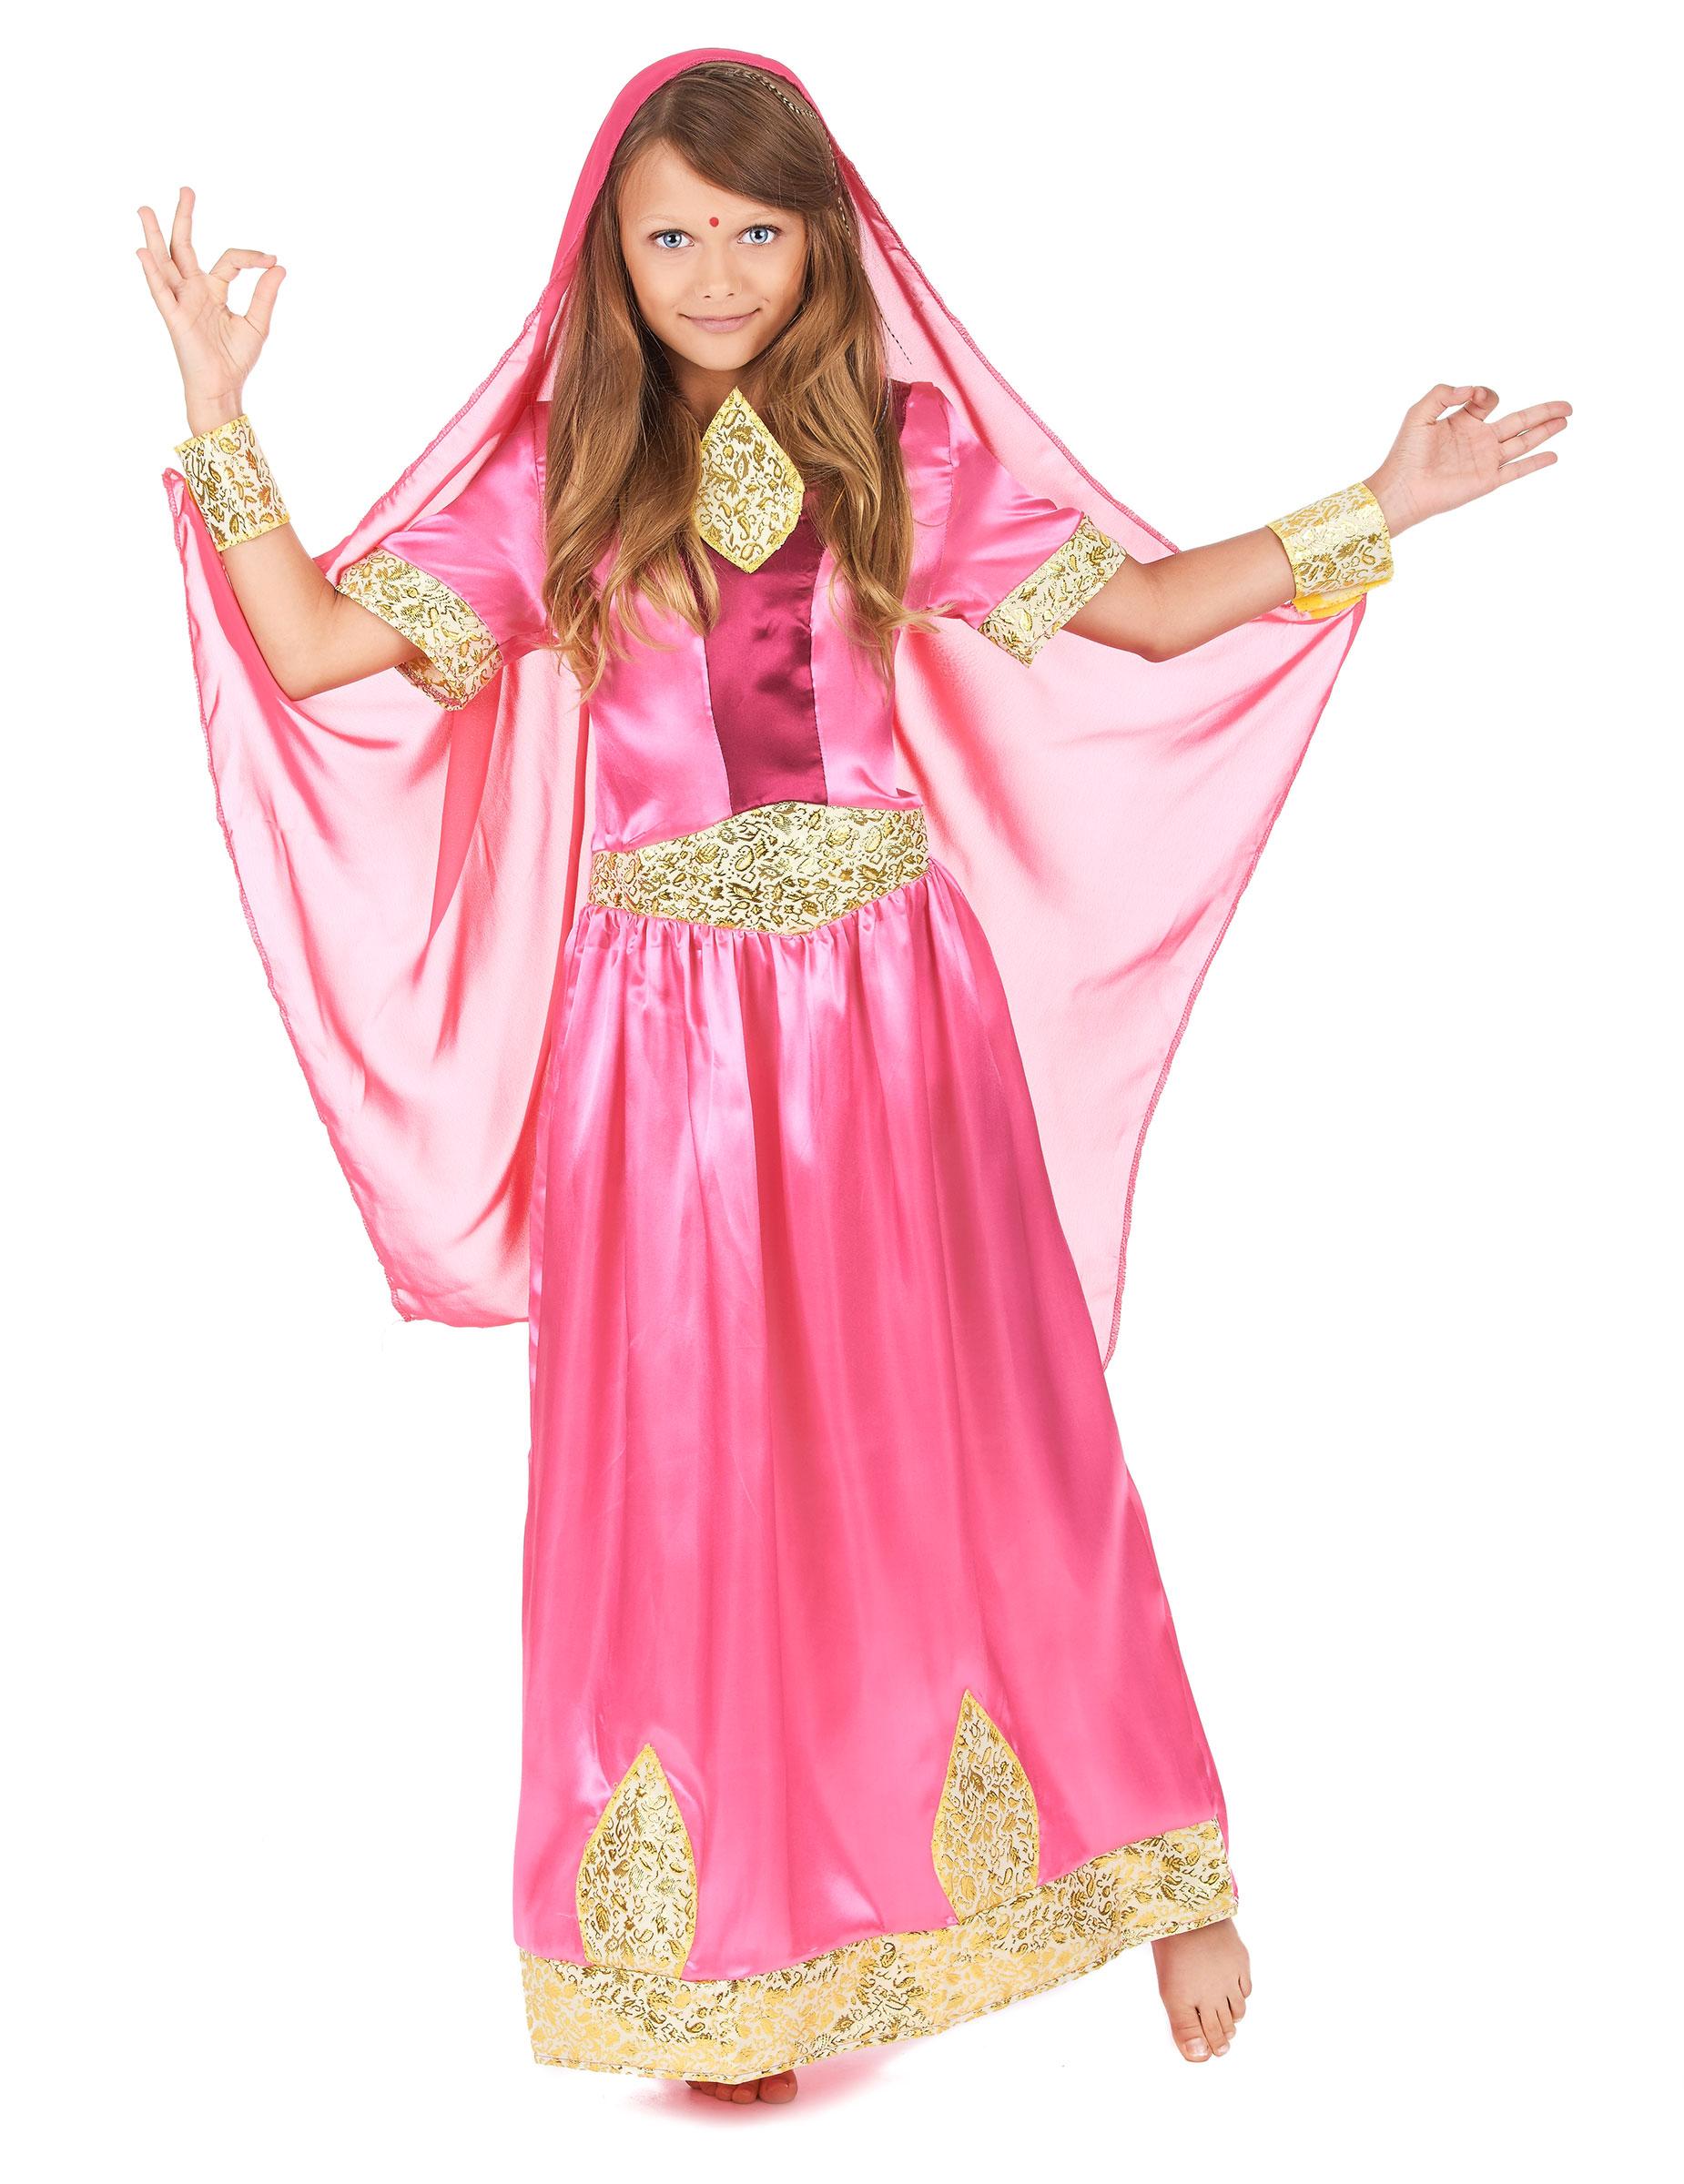 Disfraz de princesa bollywoood rosa niña